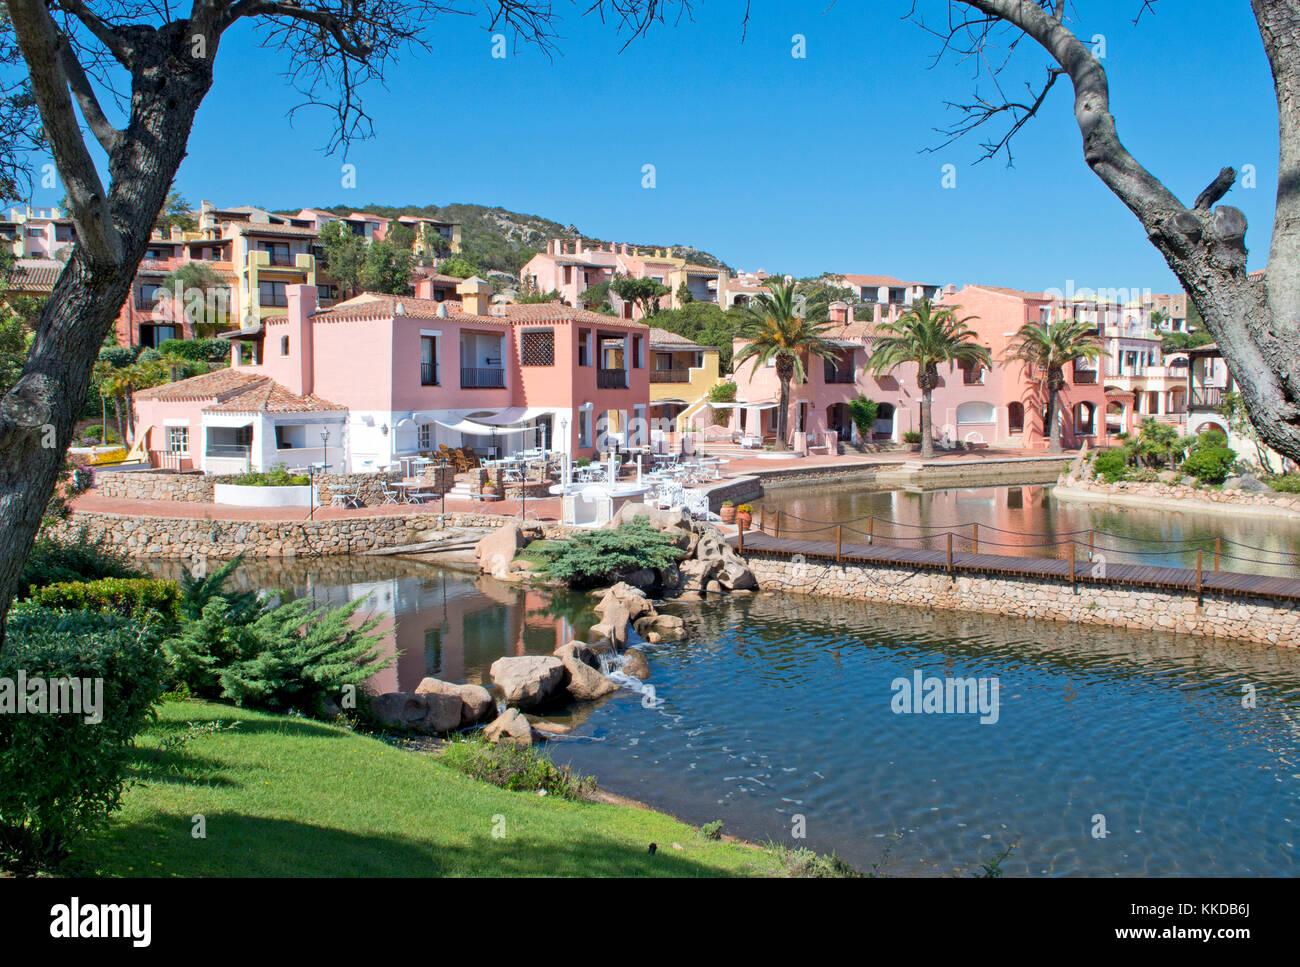 Villaggio Bagaglino suburb, Liscia di Vacca, Smeralda Coast, Sardinia, Italy - Stock Image